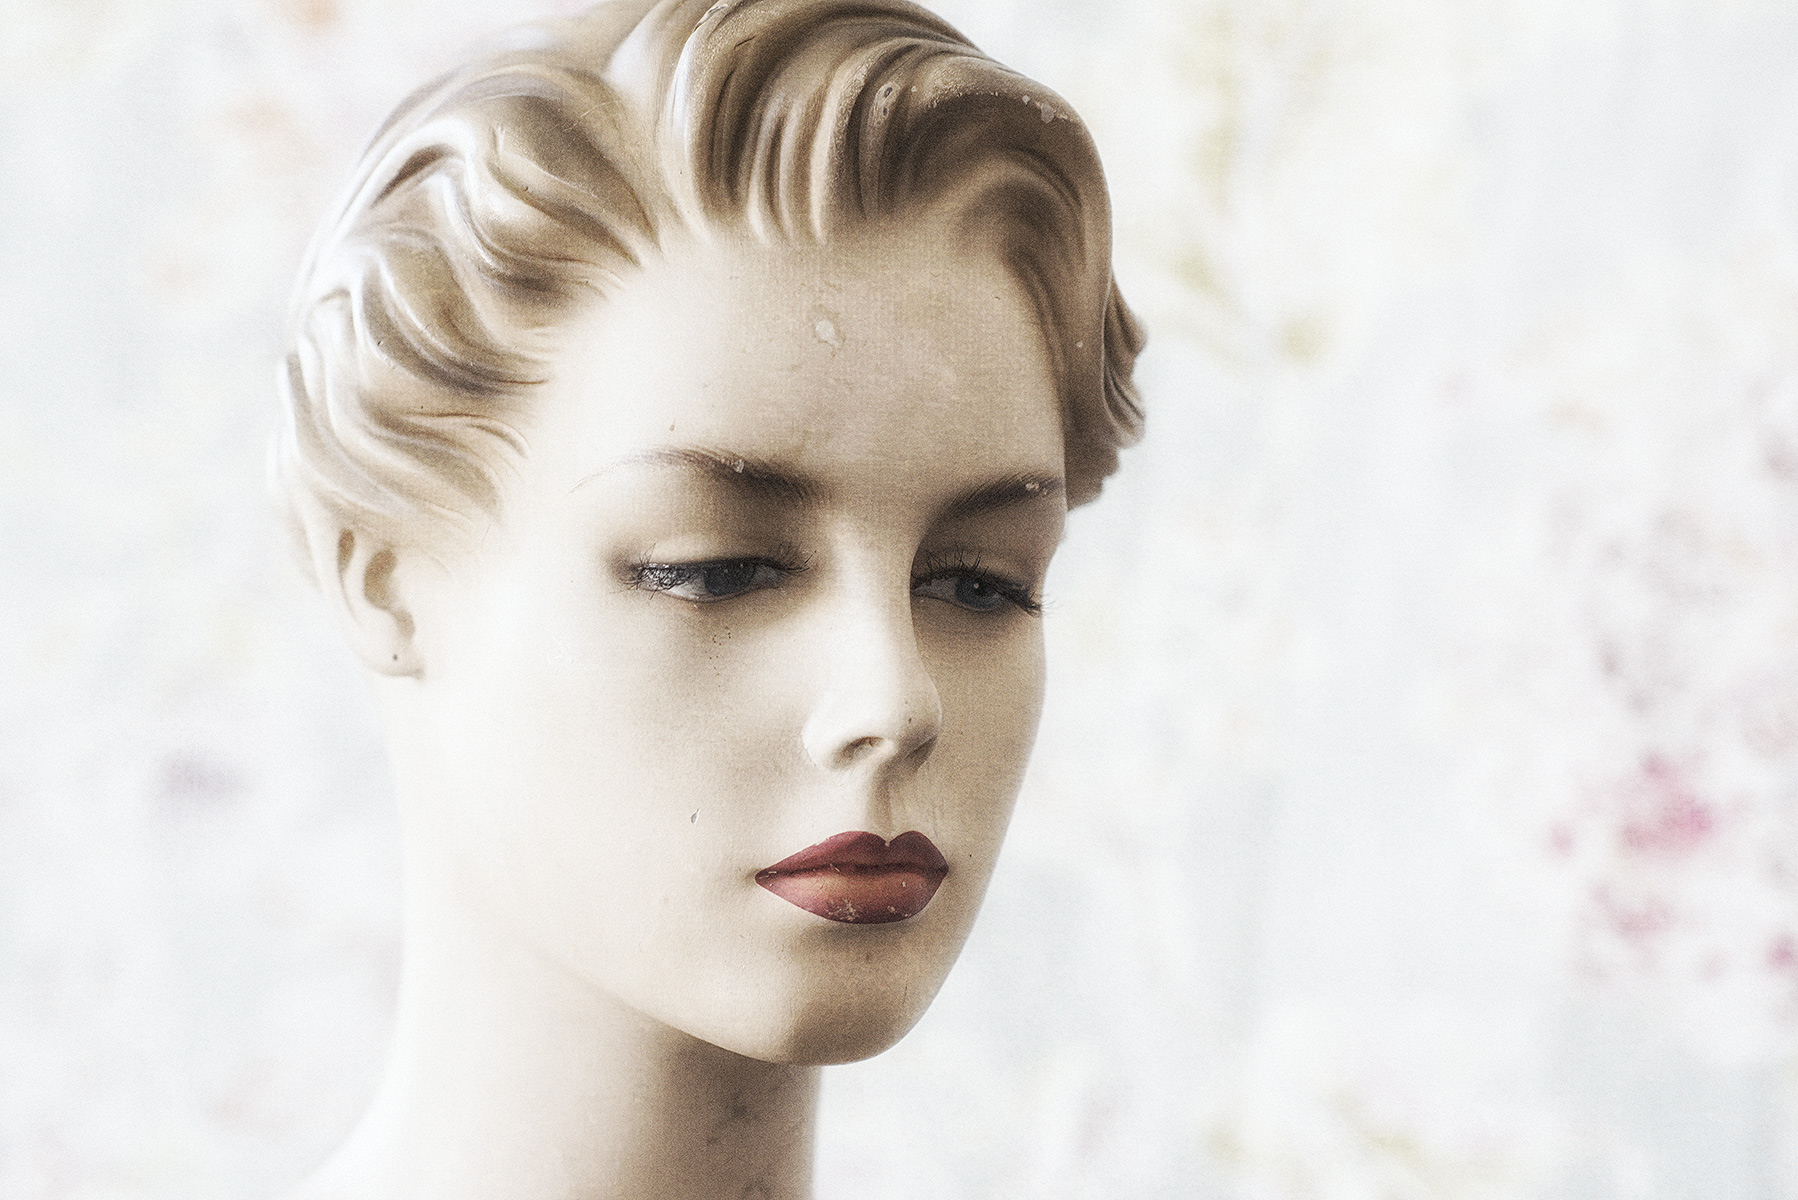 Mannequin #0555